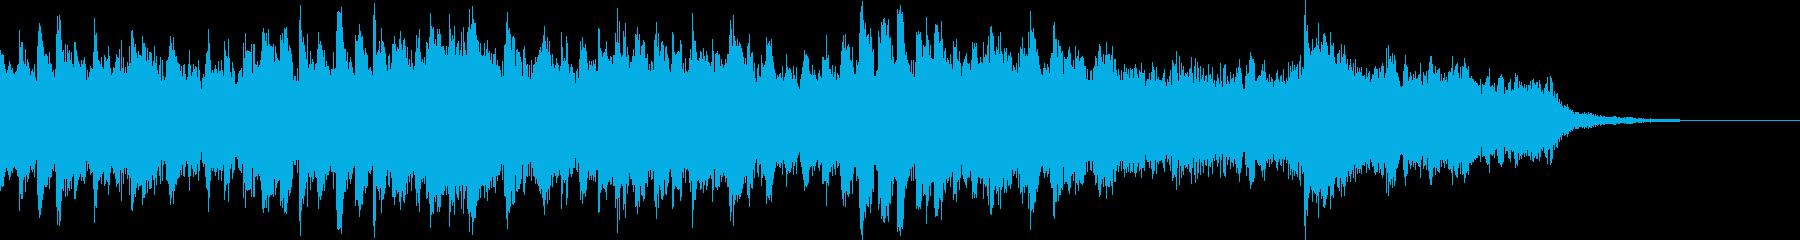 奇妙でホラーチックなエンディングの再生済みの波形